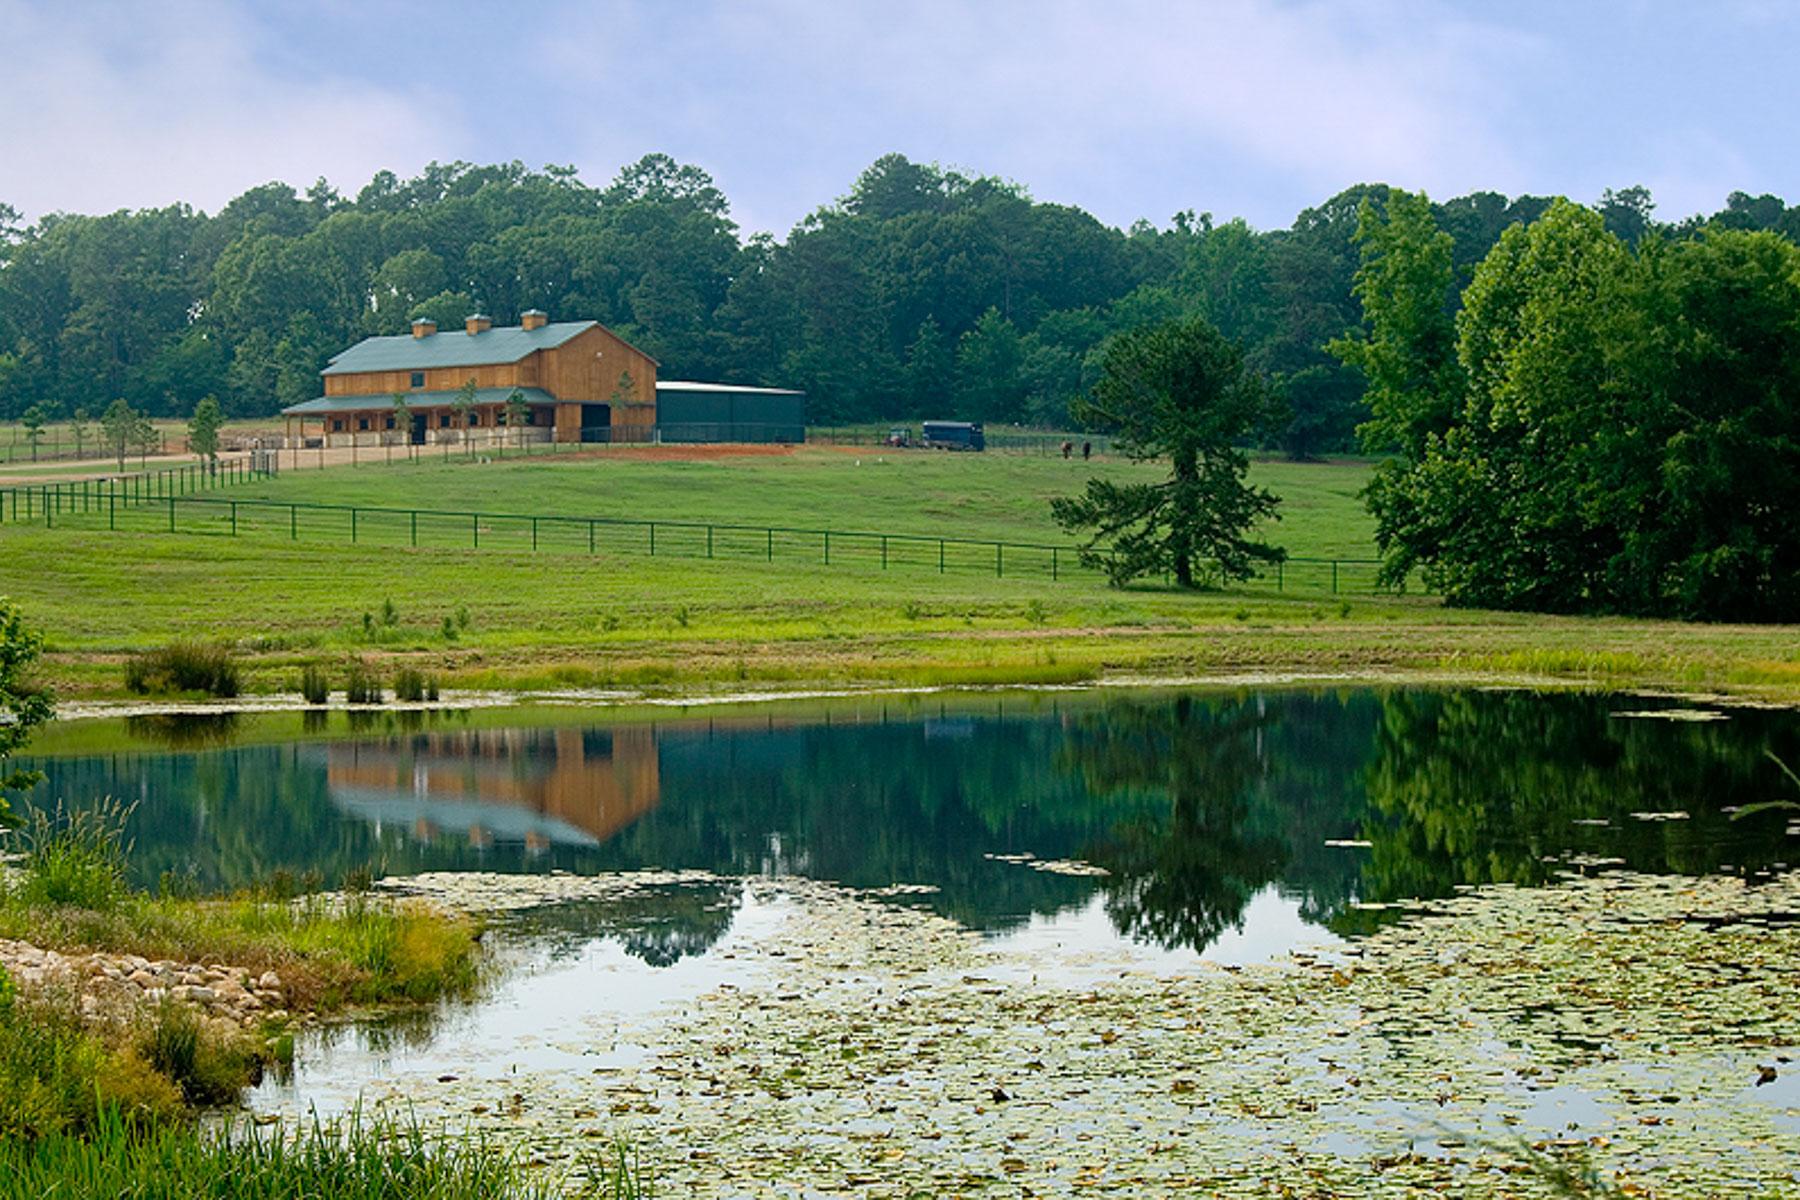 Terreno por un Venta en Private Rec Ranch and Bass Fishing Paradise 4450 FM 49 #38 Mineola, Texas 75765 Estados Unidos